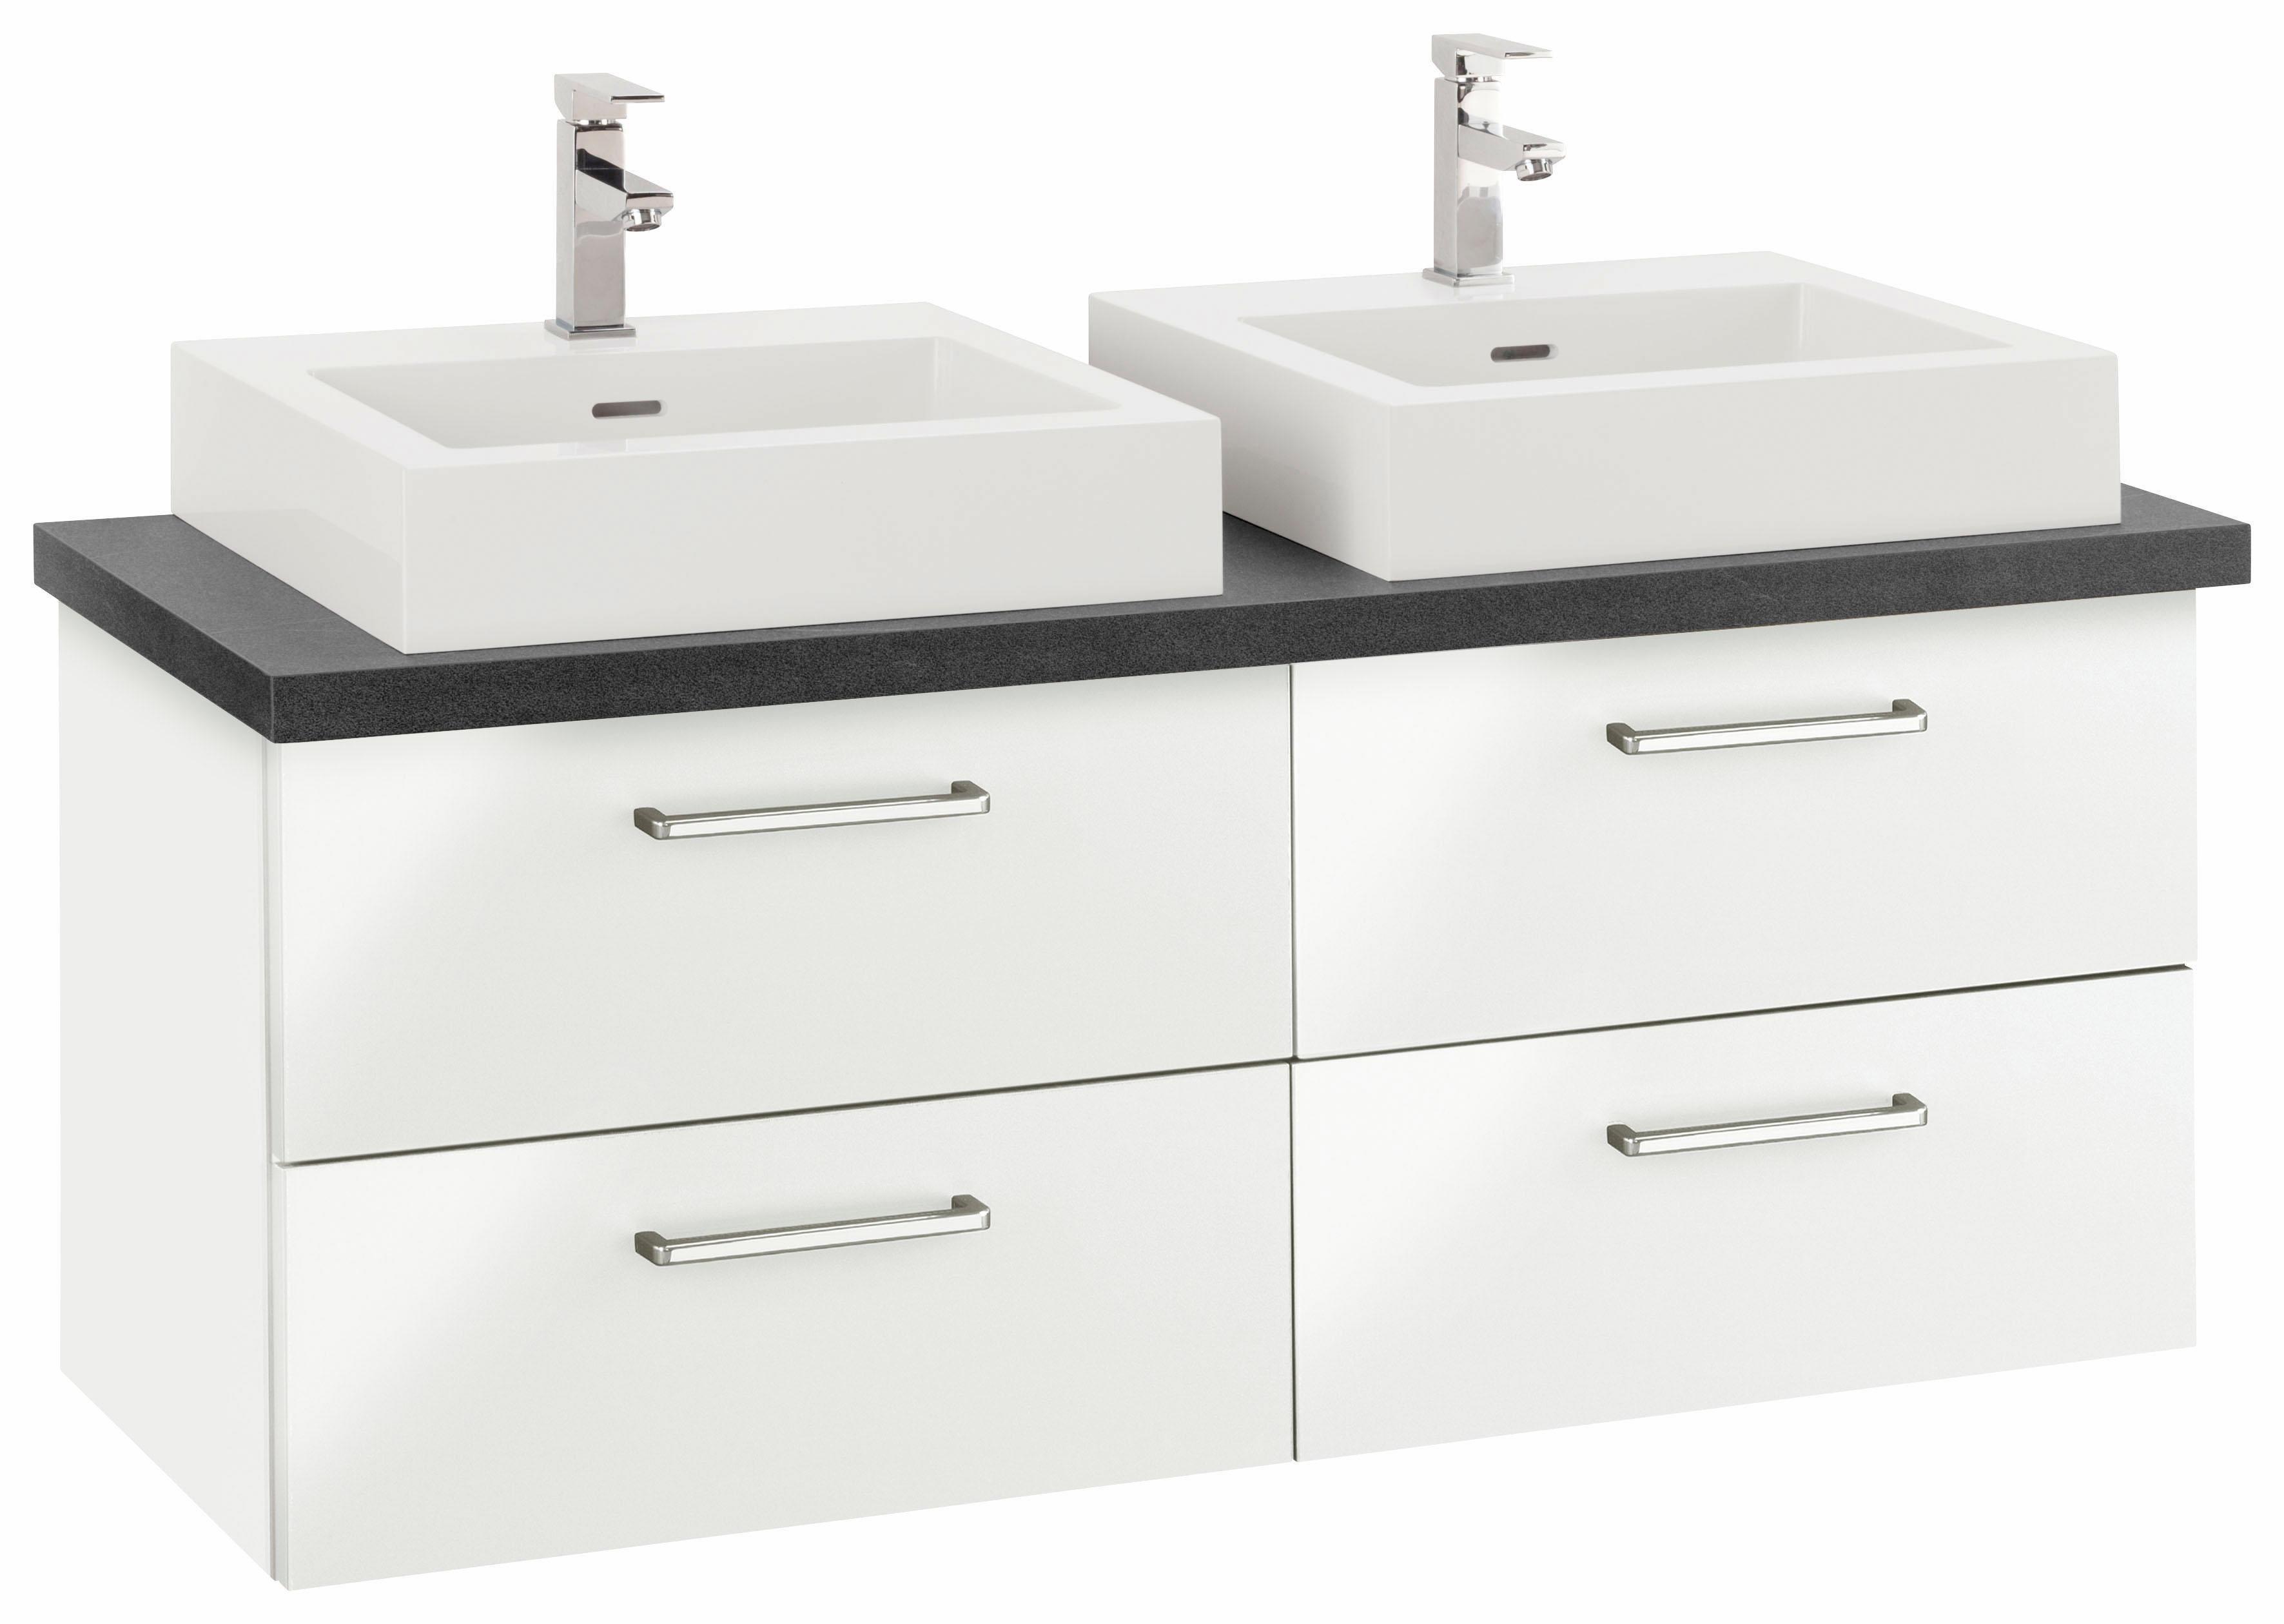 OPTIFIT Waschtisch »Doha« | Bad > Badmöbel > Badmöbel-Sets | Anthrazit - Matt - Weiß - Glanz - Chrom | Kastanie - Holzwerkstoff - Hpl - Mdf - Melamin | OPTIFIT